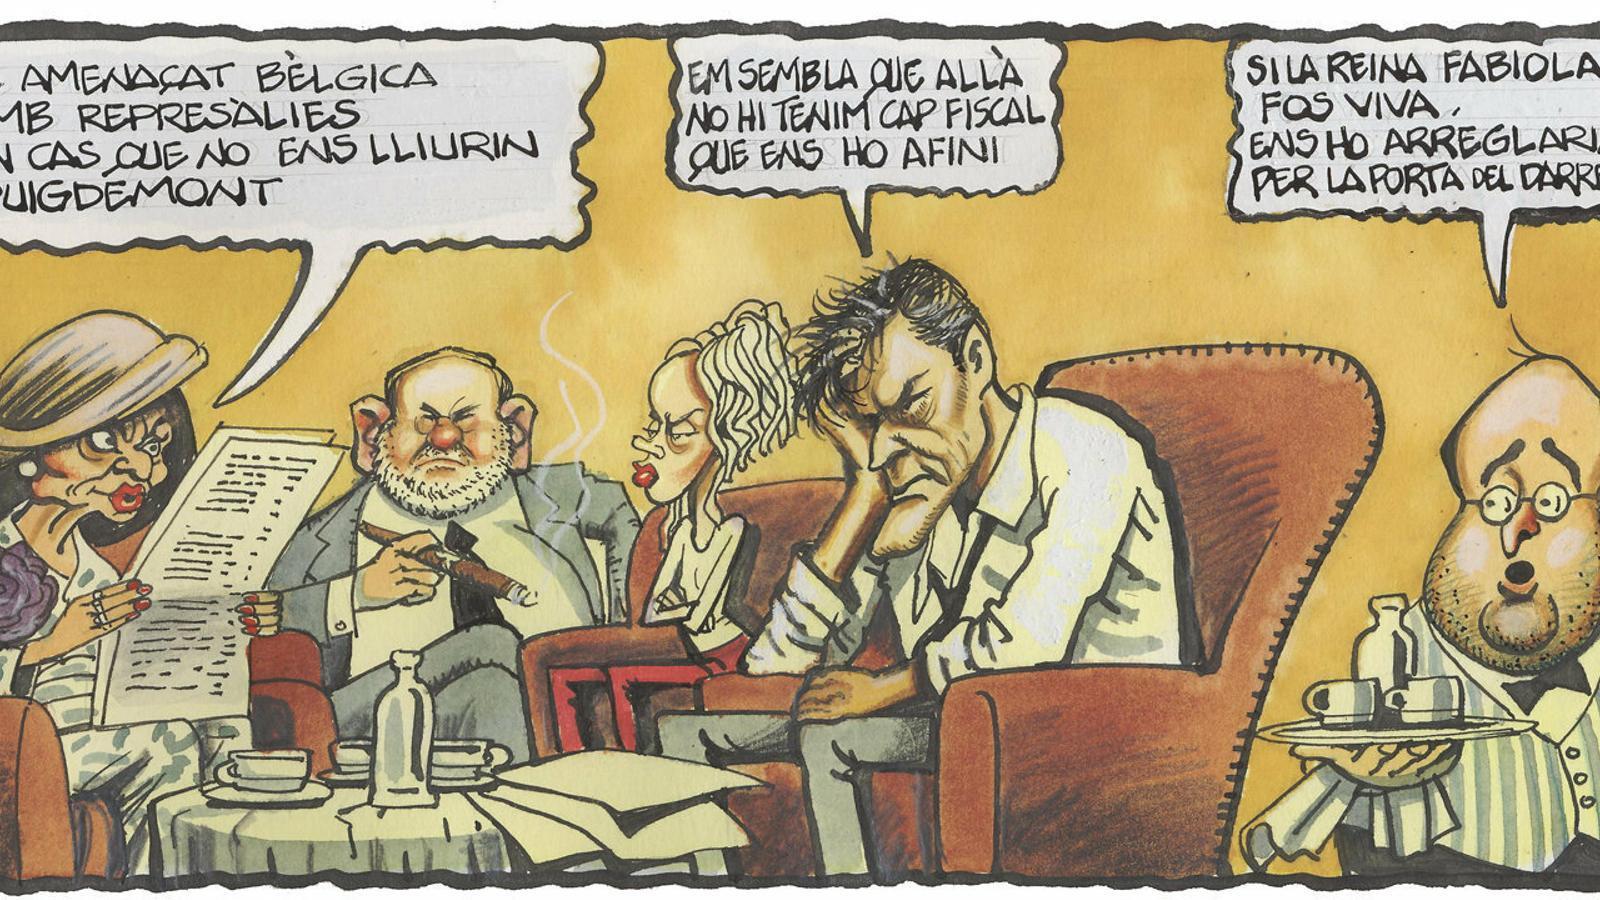 'A la contra', per Ferreres 31/10/2019